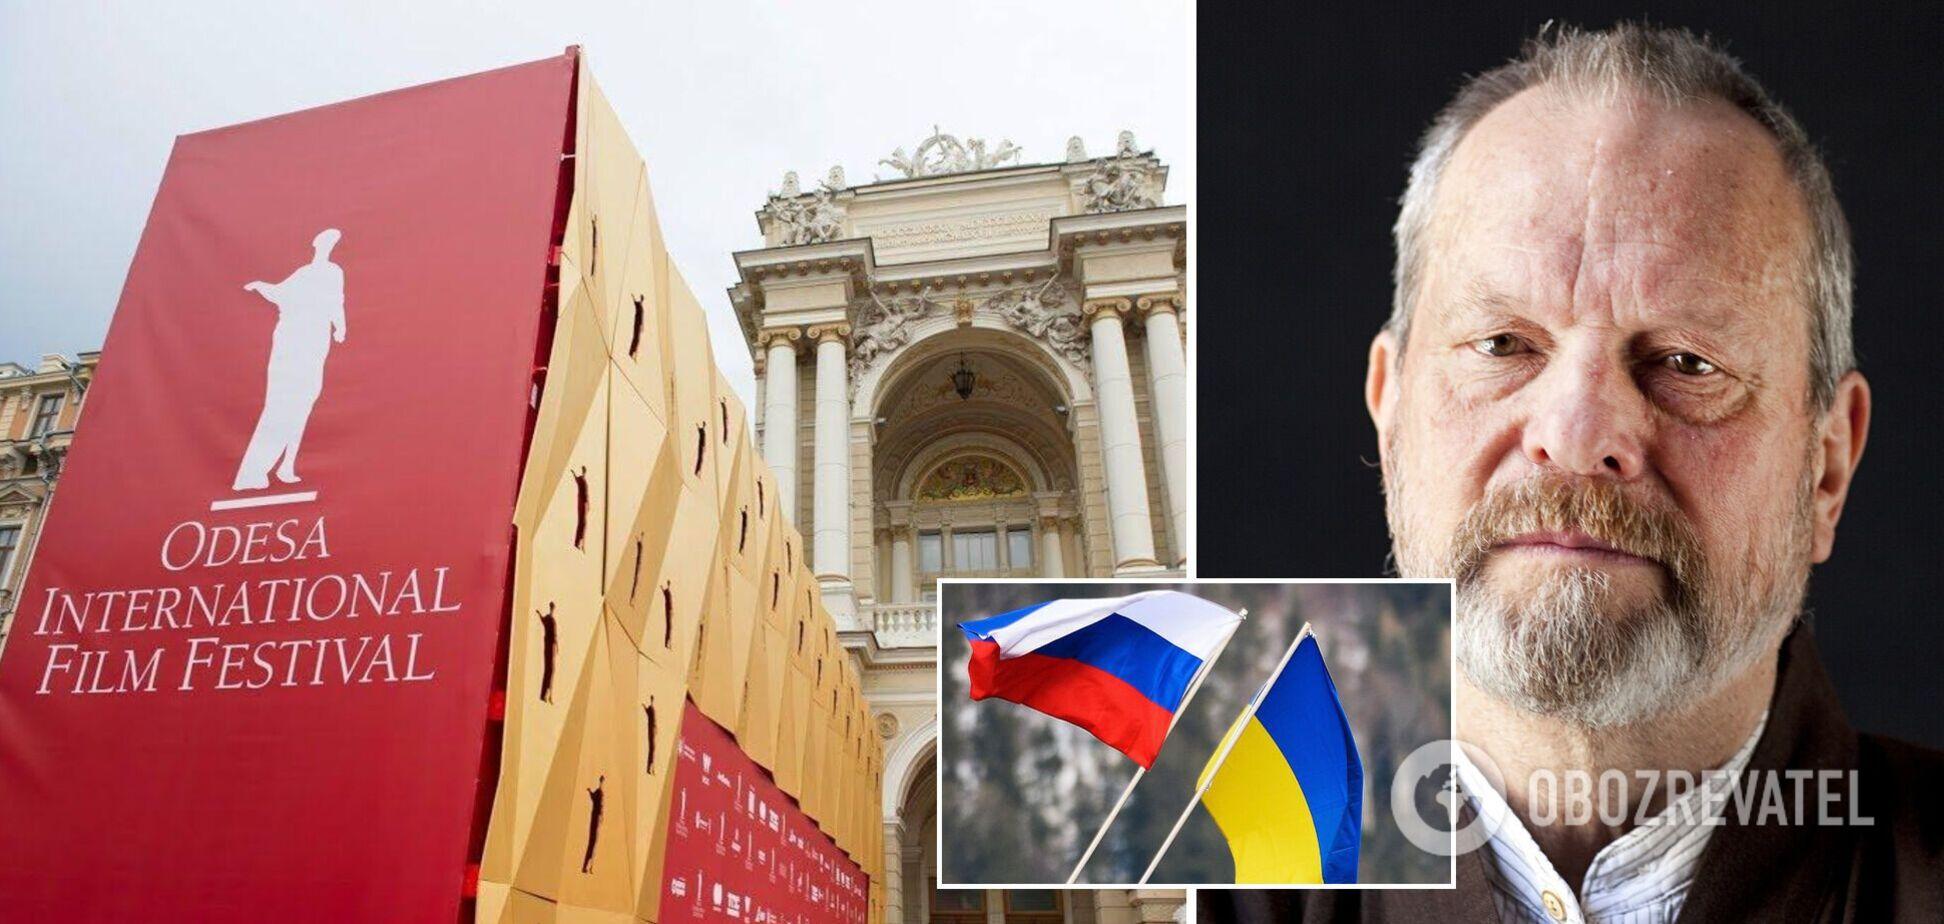 Знаменитий режисер в Одесі подякував Росії, але отямився під крики 'Слава Україні'